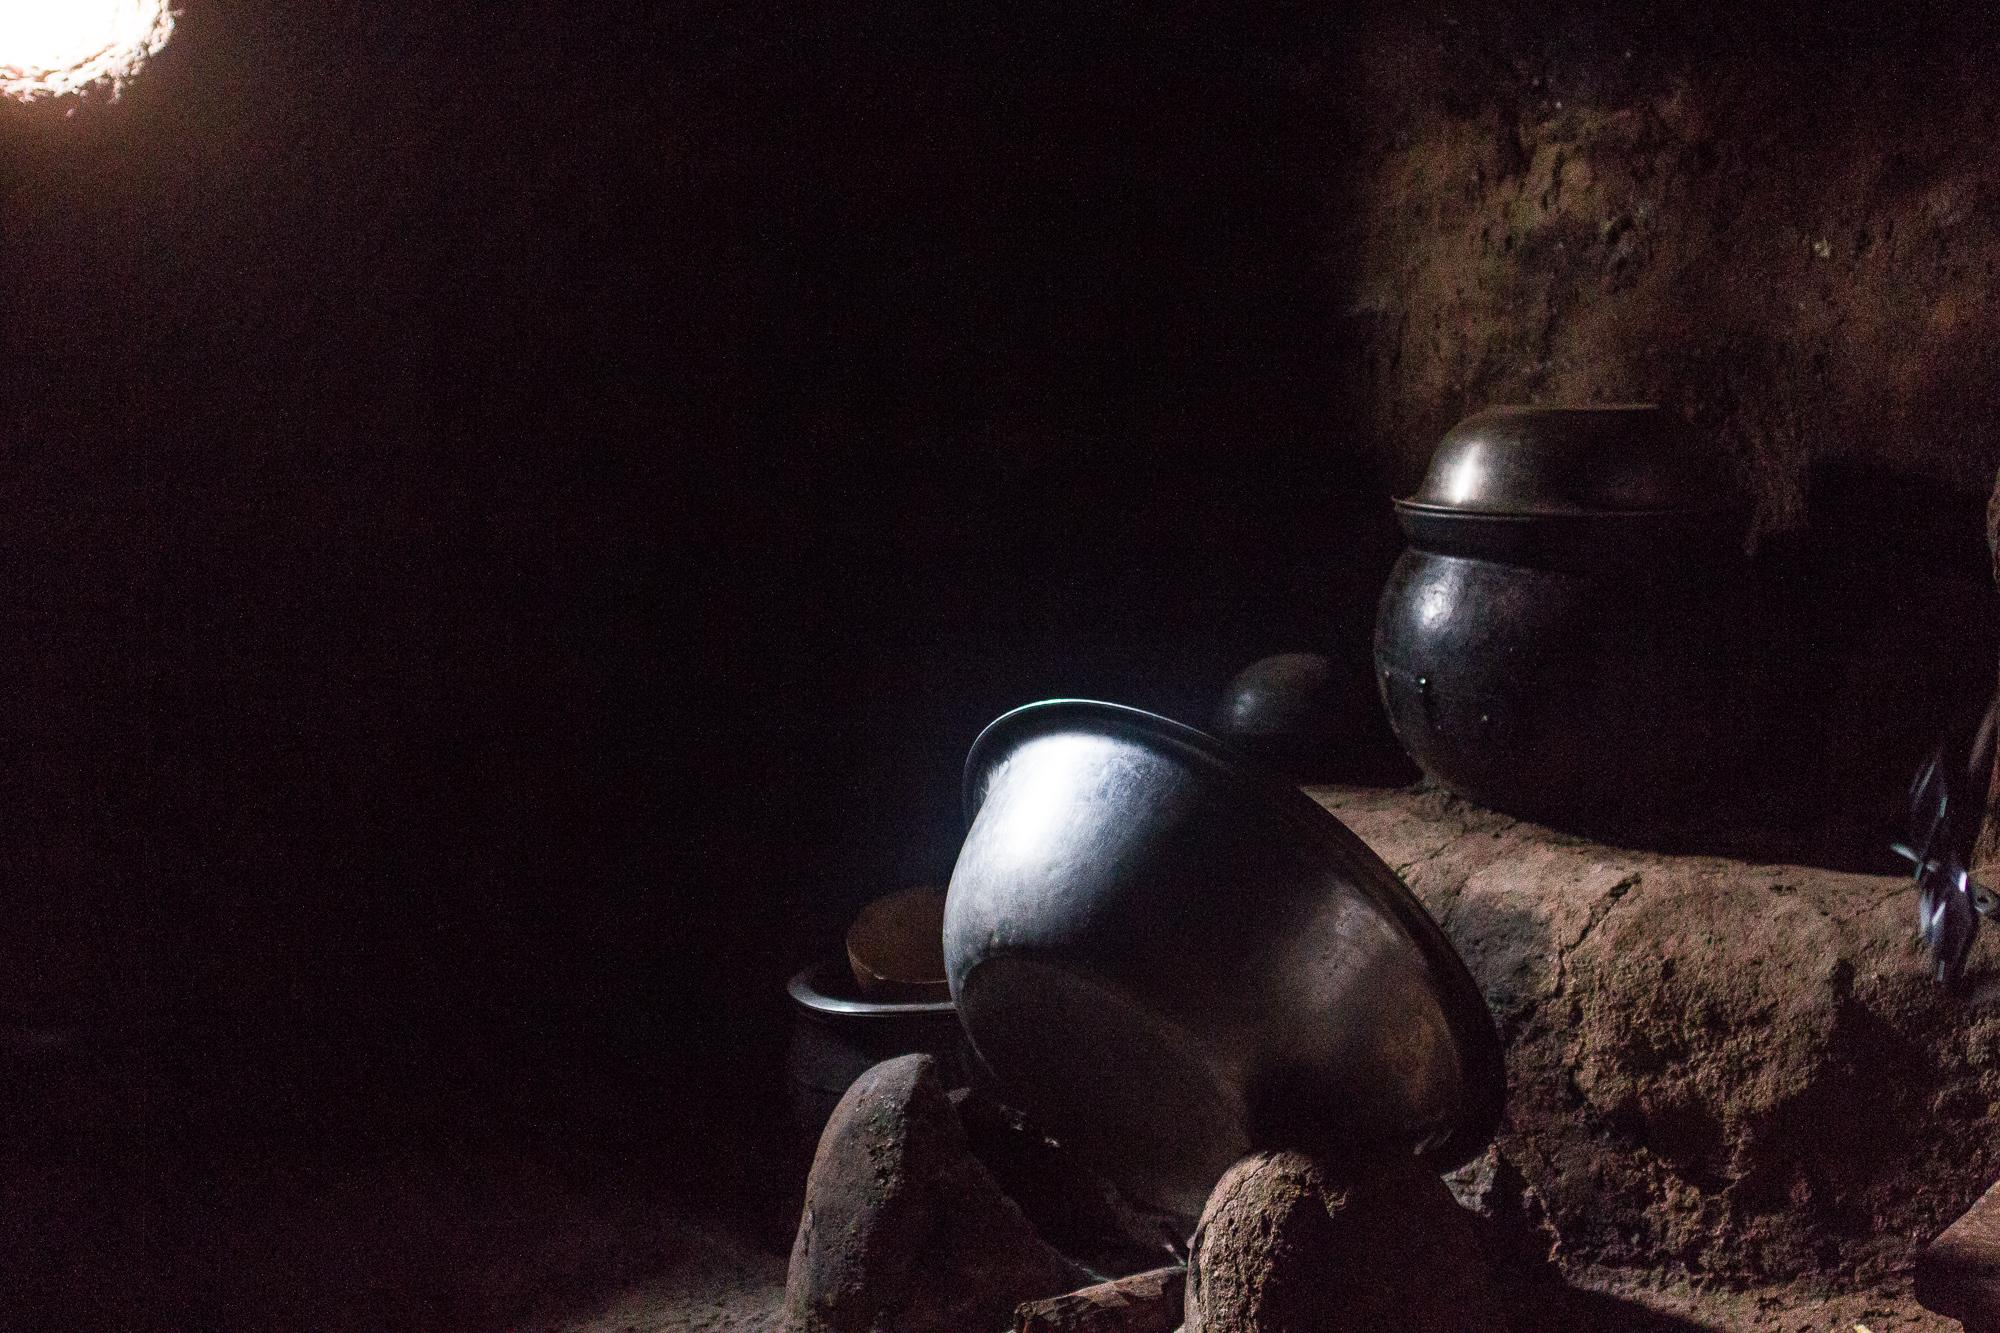 Ustensiles de cuisine dans la pénombre d'une case éclairés par un rai de lumière, village Lobi de Sansana, Burkina Faso